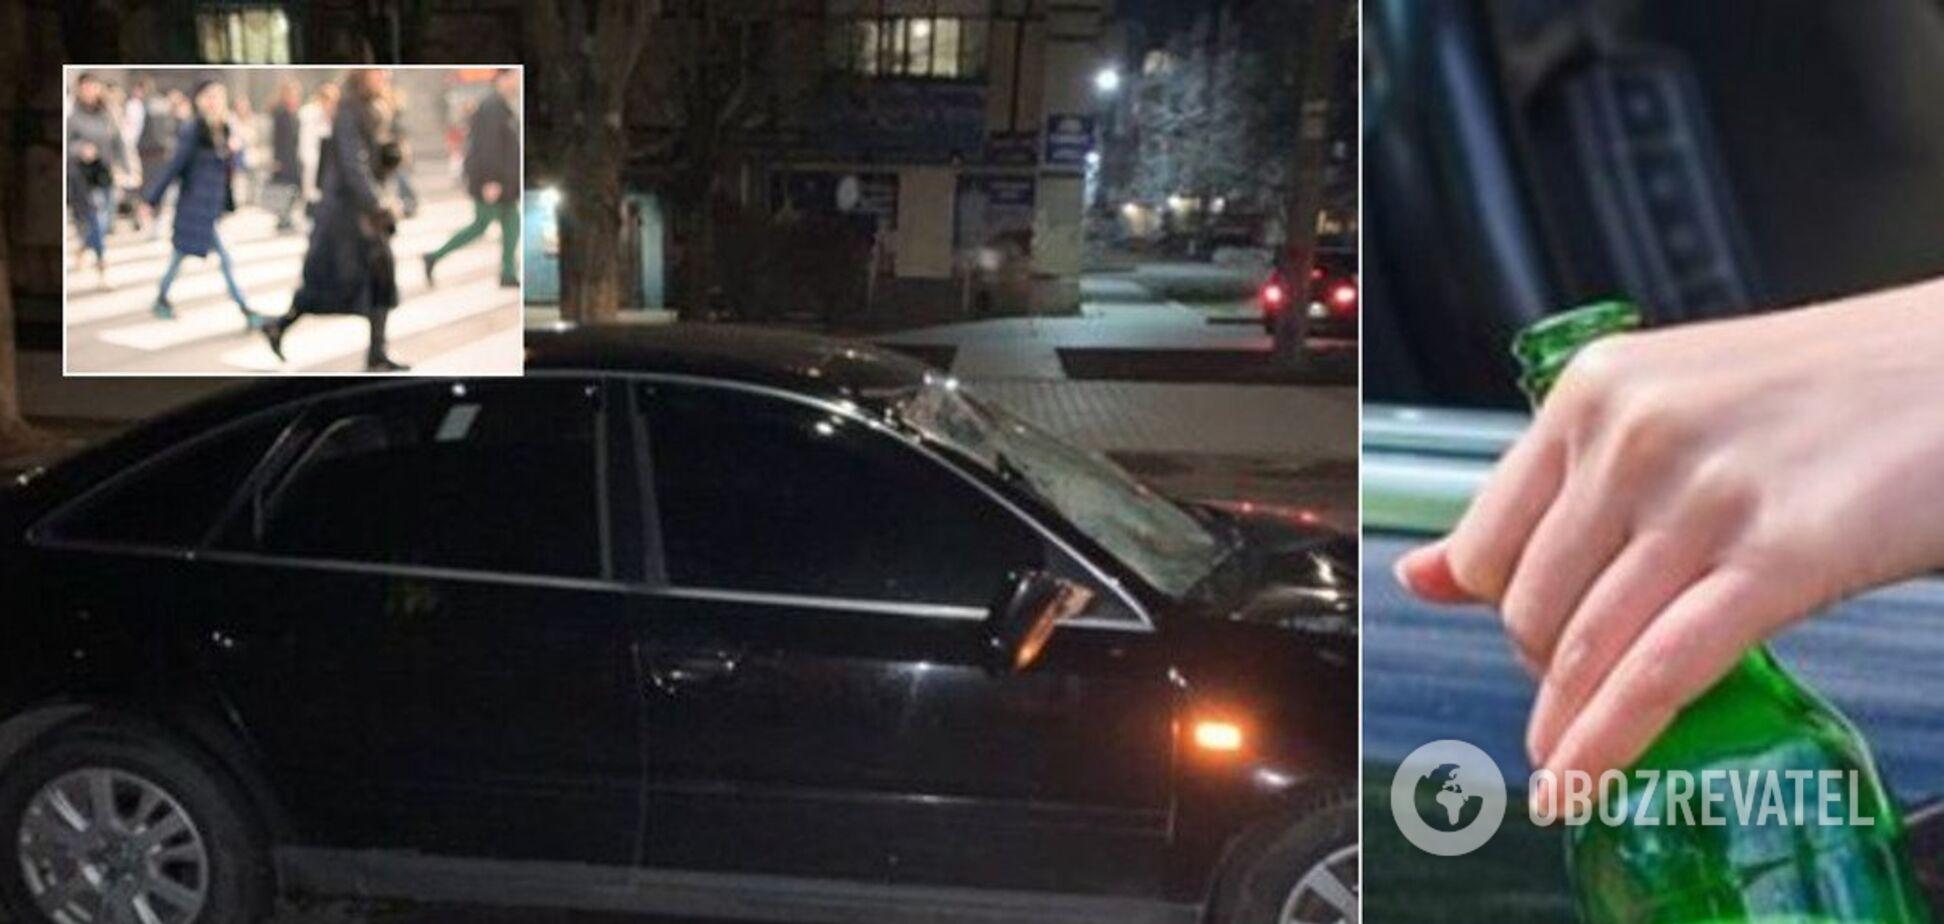 Убийцей оказалась женщина: появились новые детали и фото смертельного ДТП в Кривом Роге